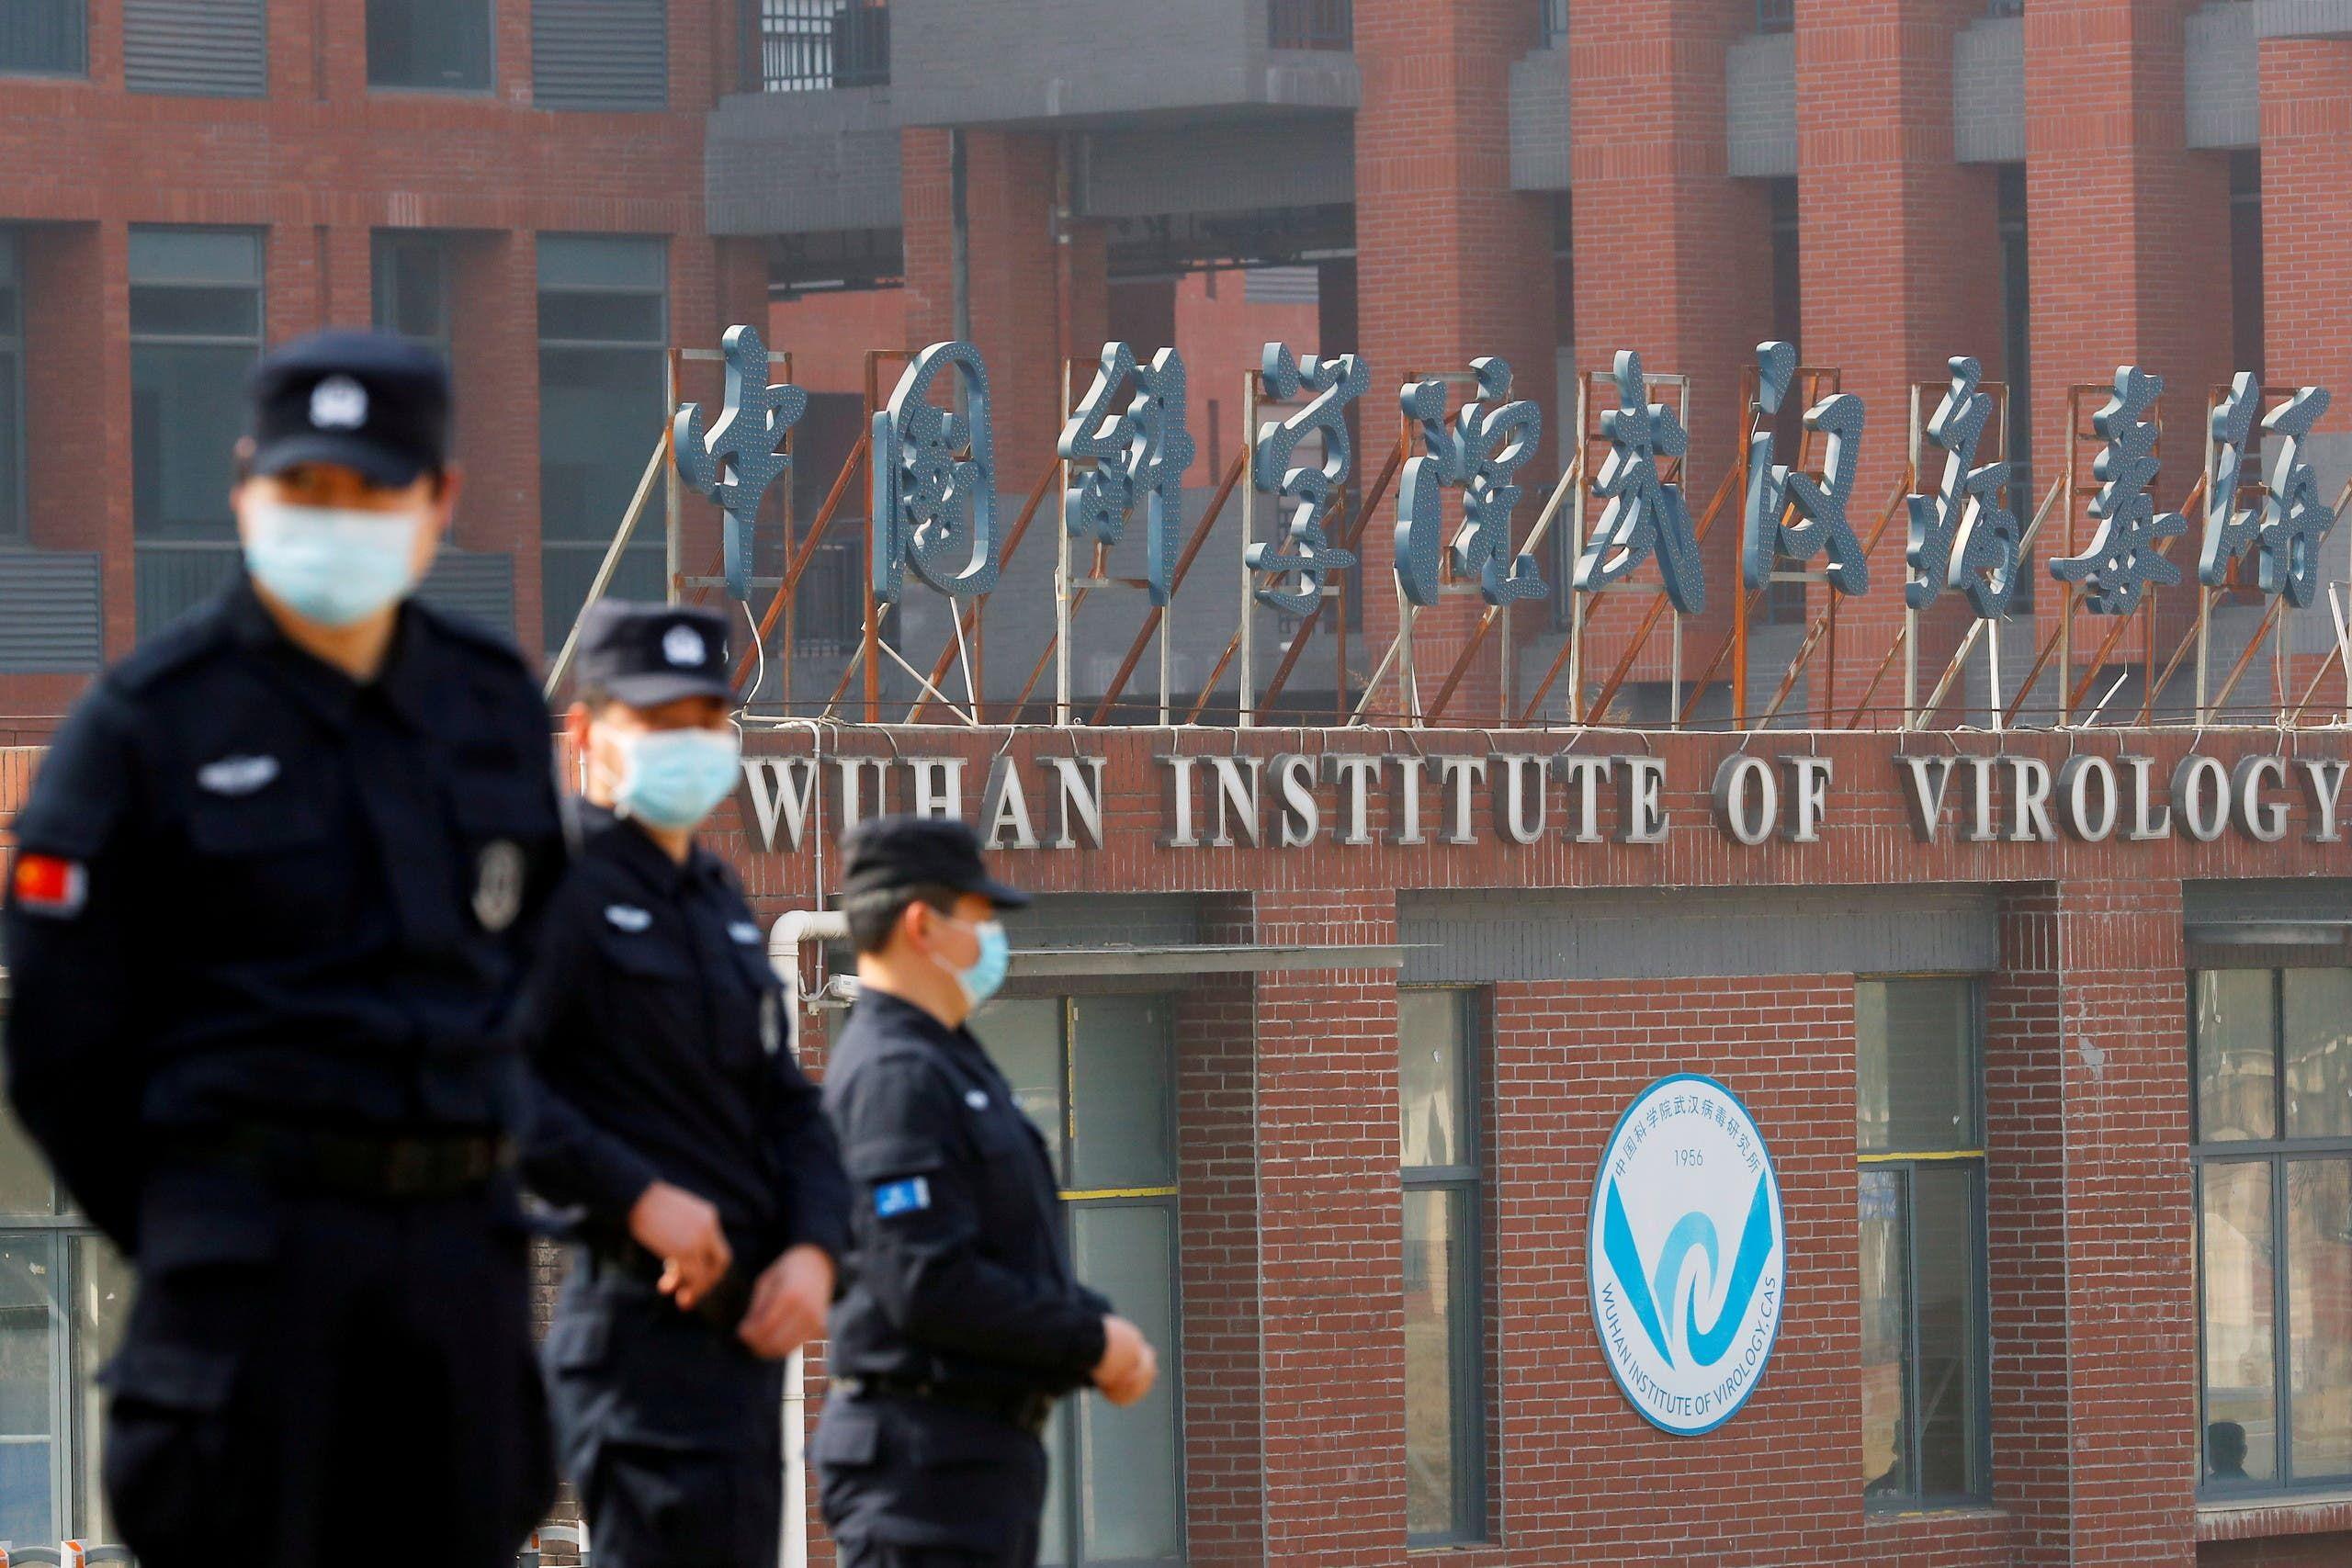 معهد ووهان لعلم الفيروسات